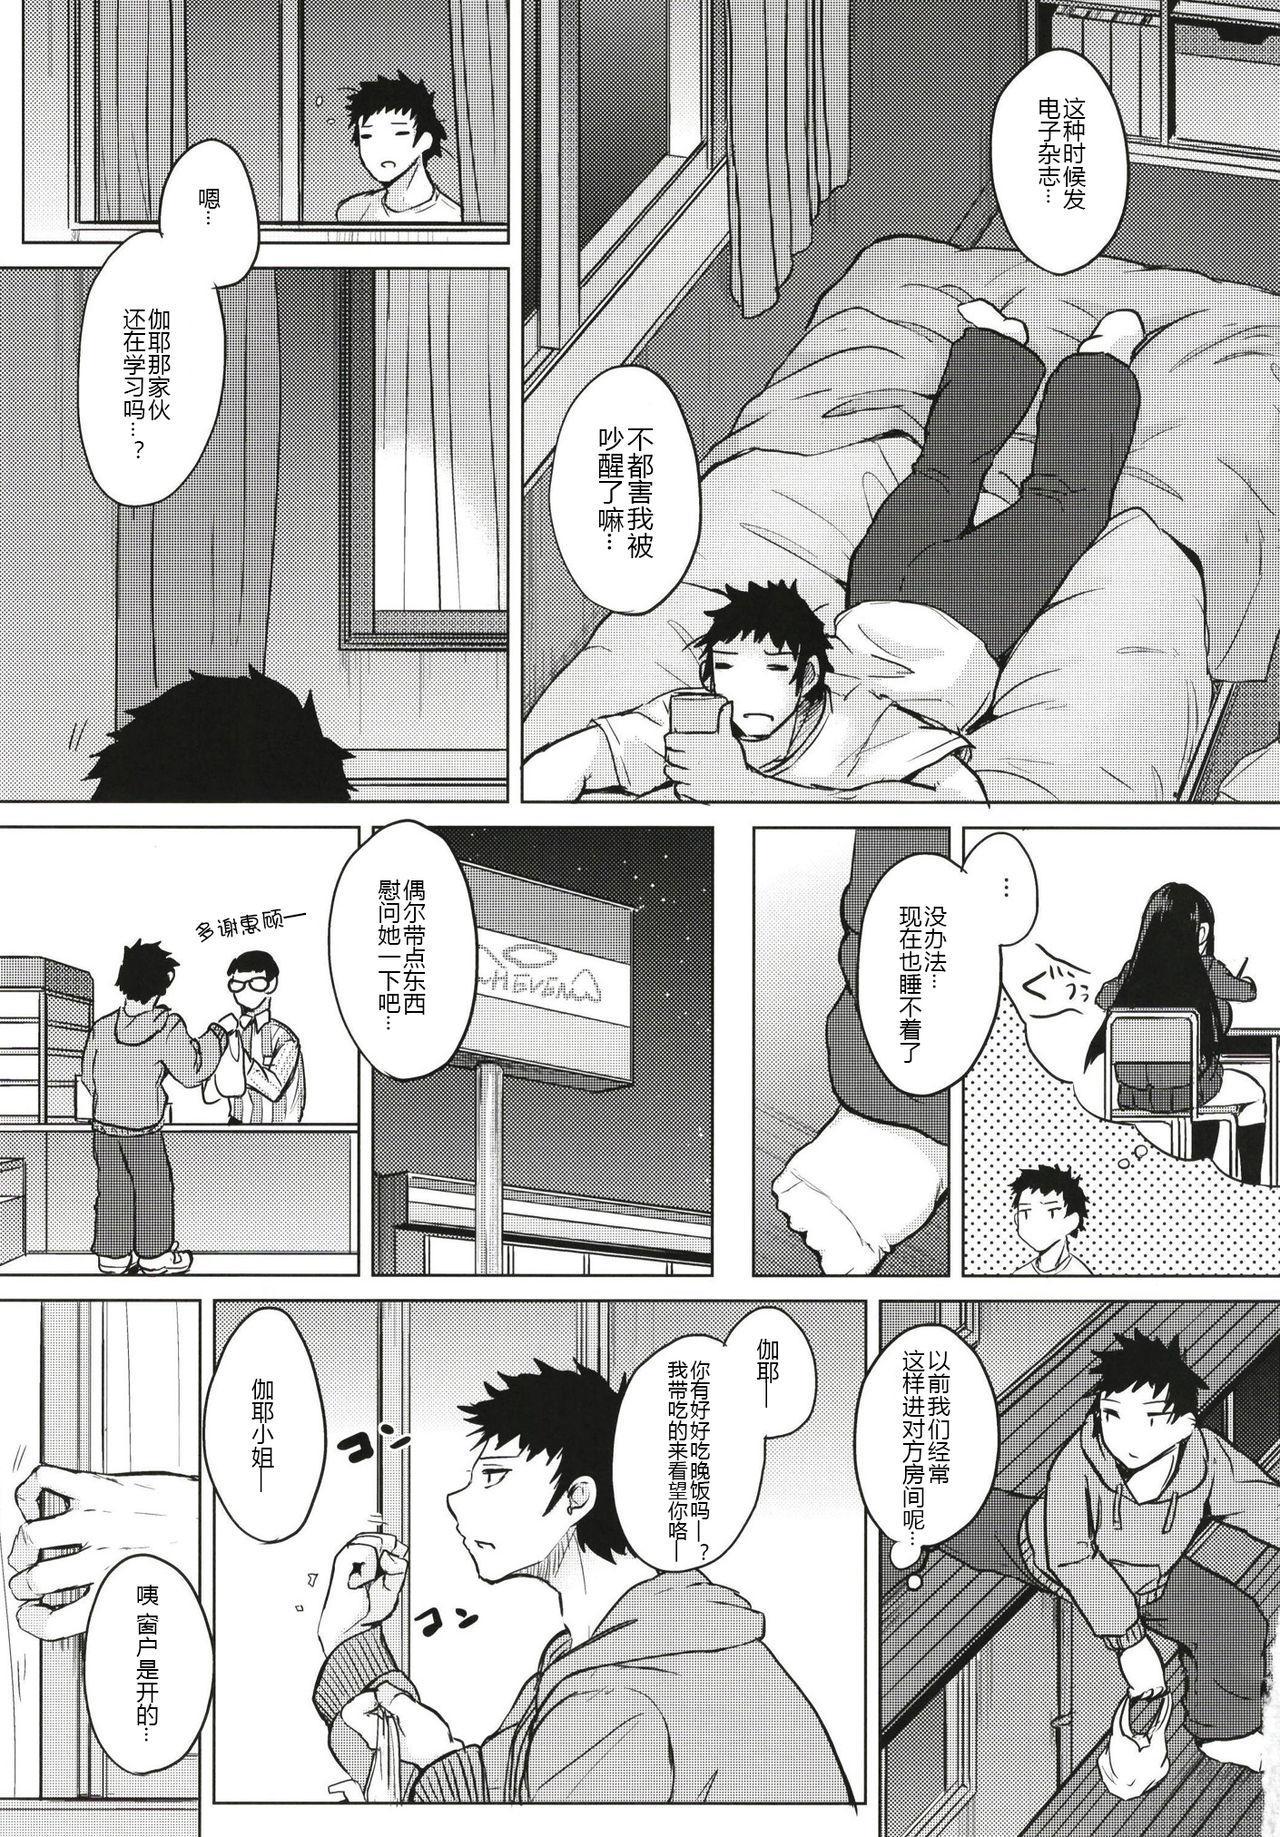 Kusuri mo Sugireba Chichi to Naru 35